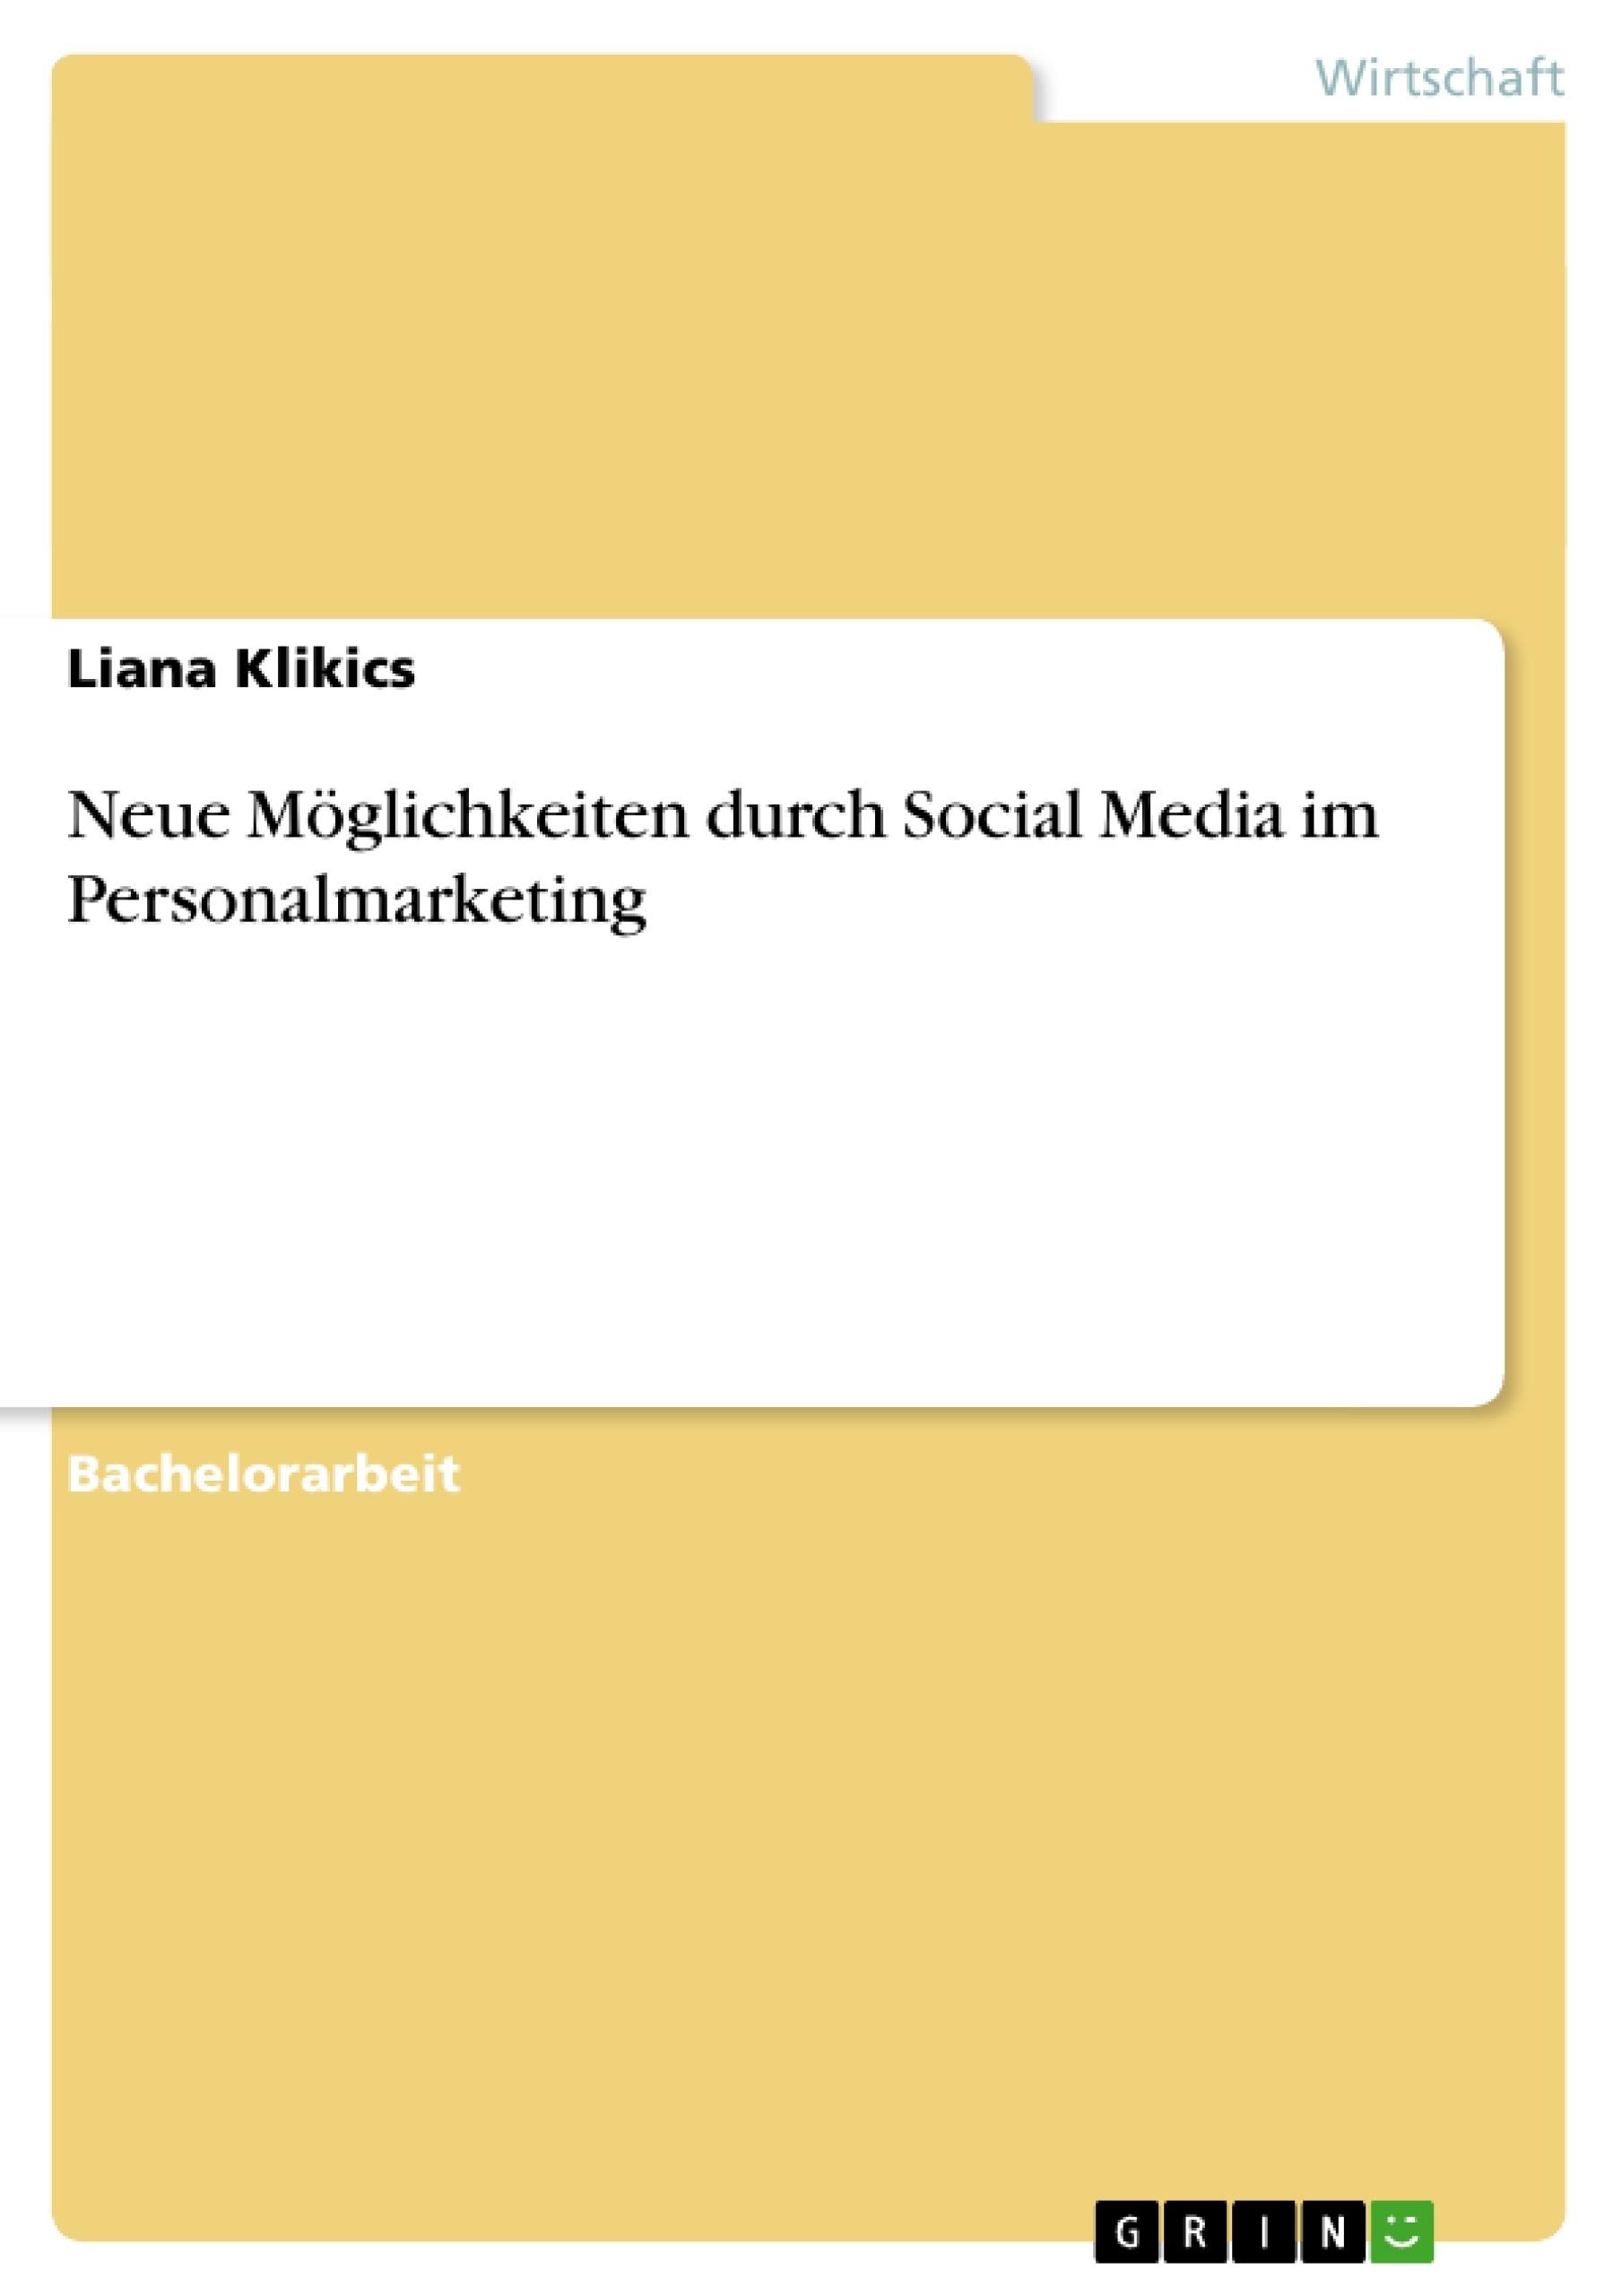 Titel: Neue Möglichkeiten durch Social Media im Personalmarketing